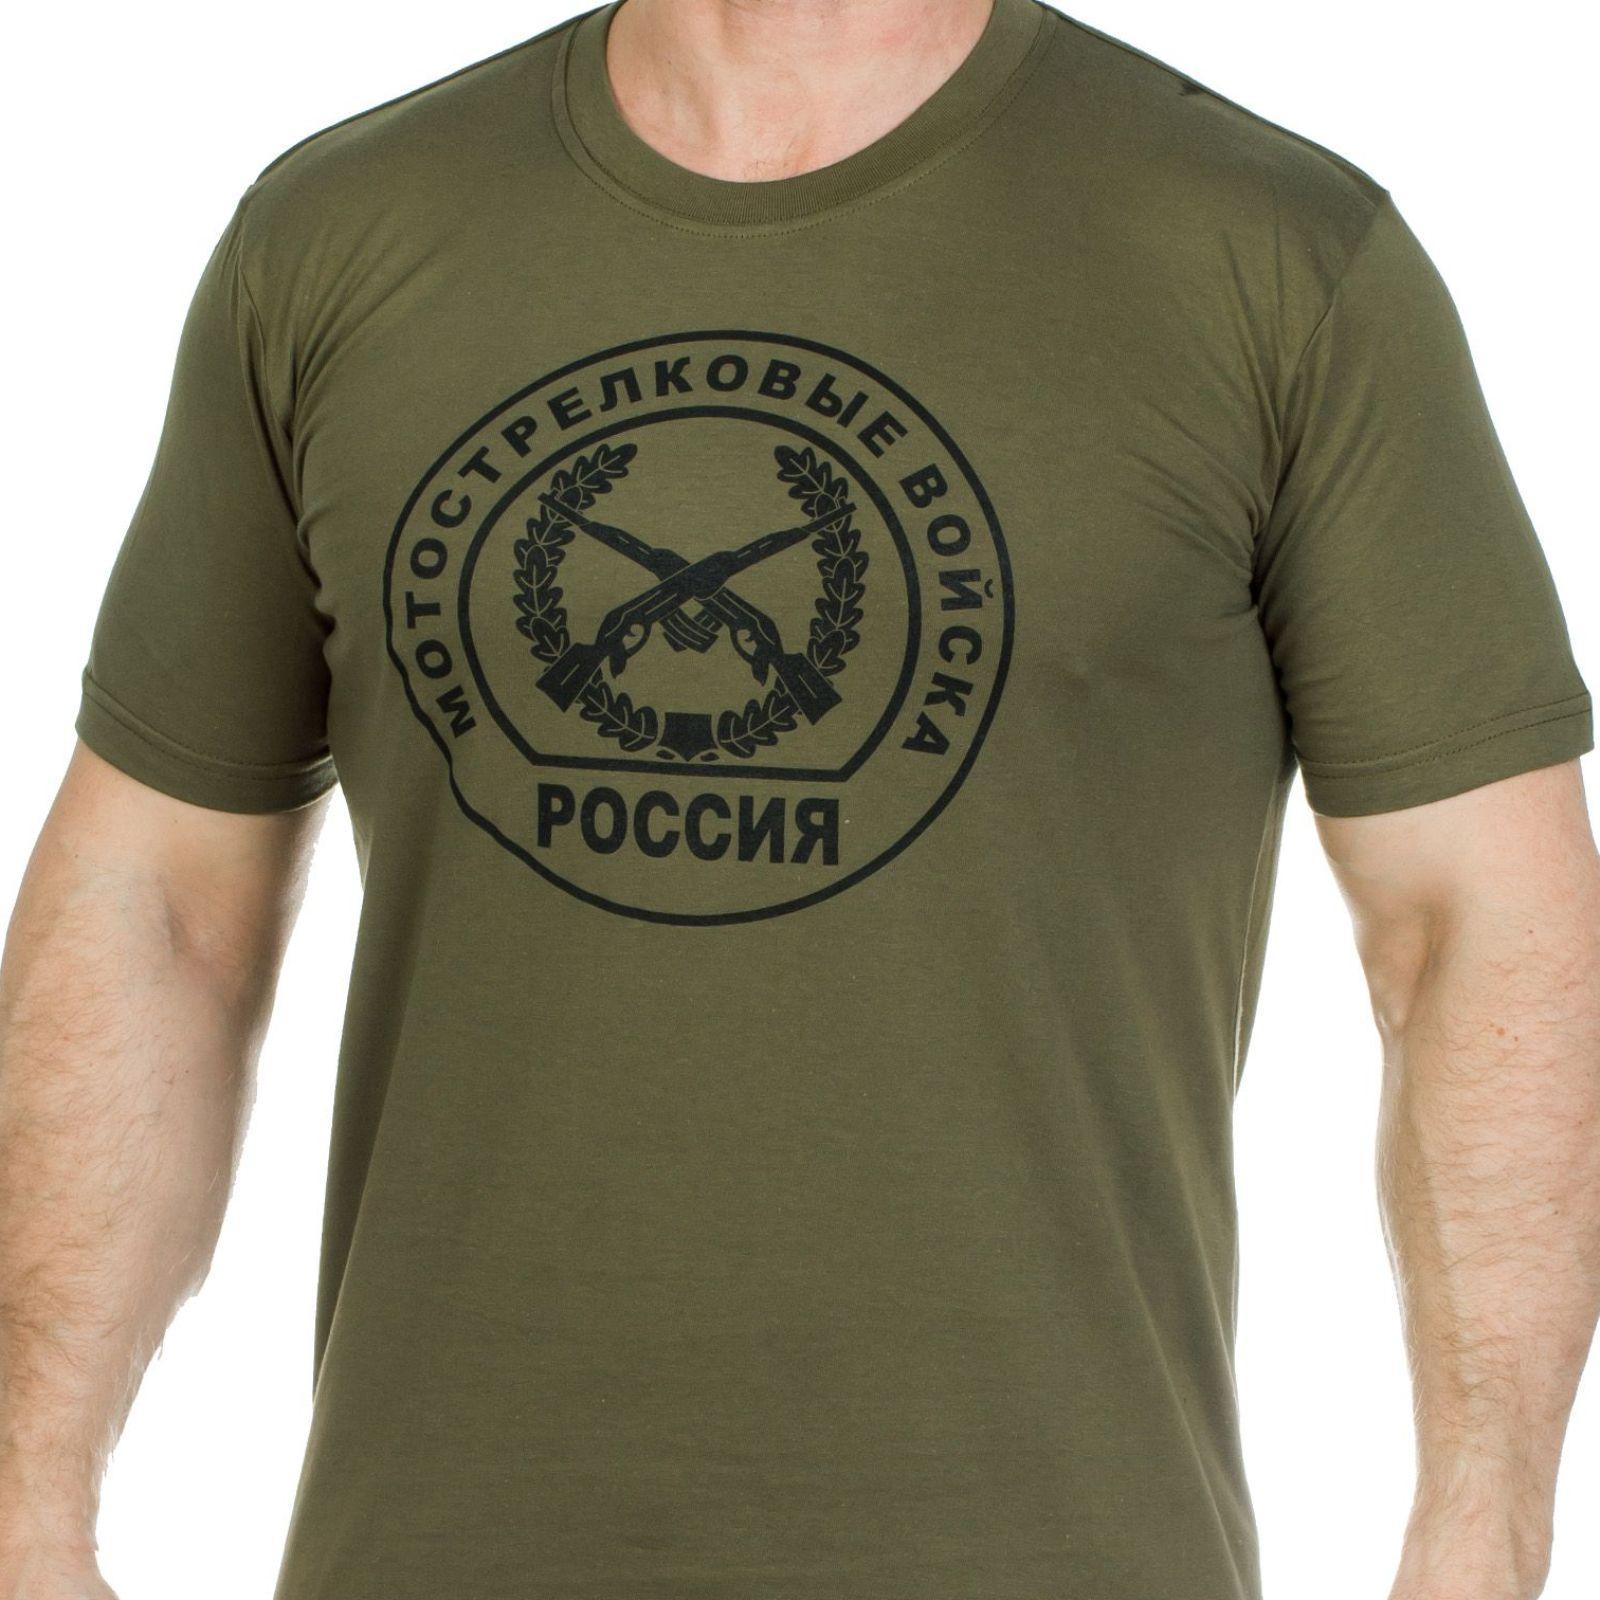 Футболка с эмблемой Мотострелковых войск